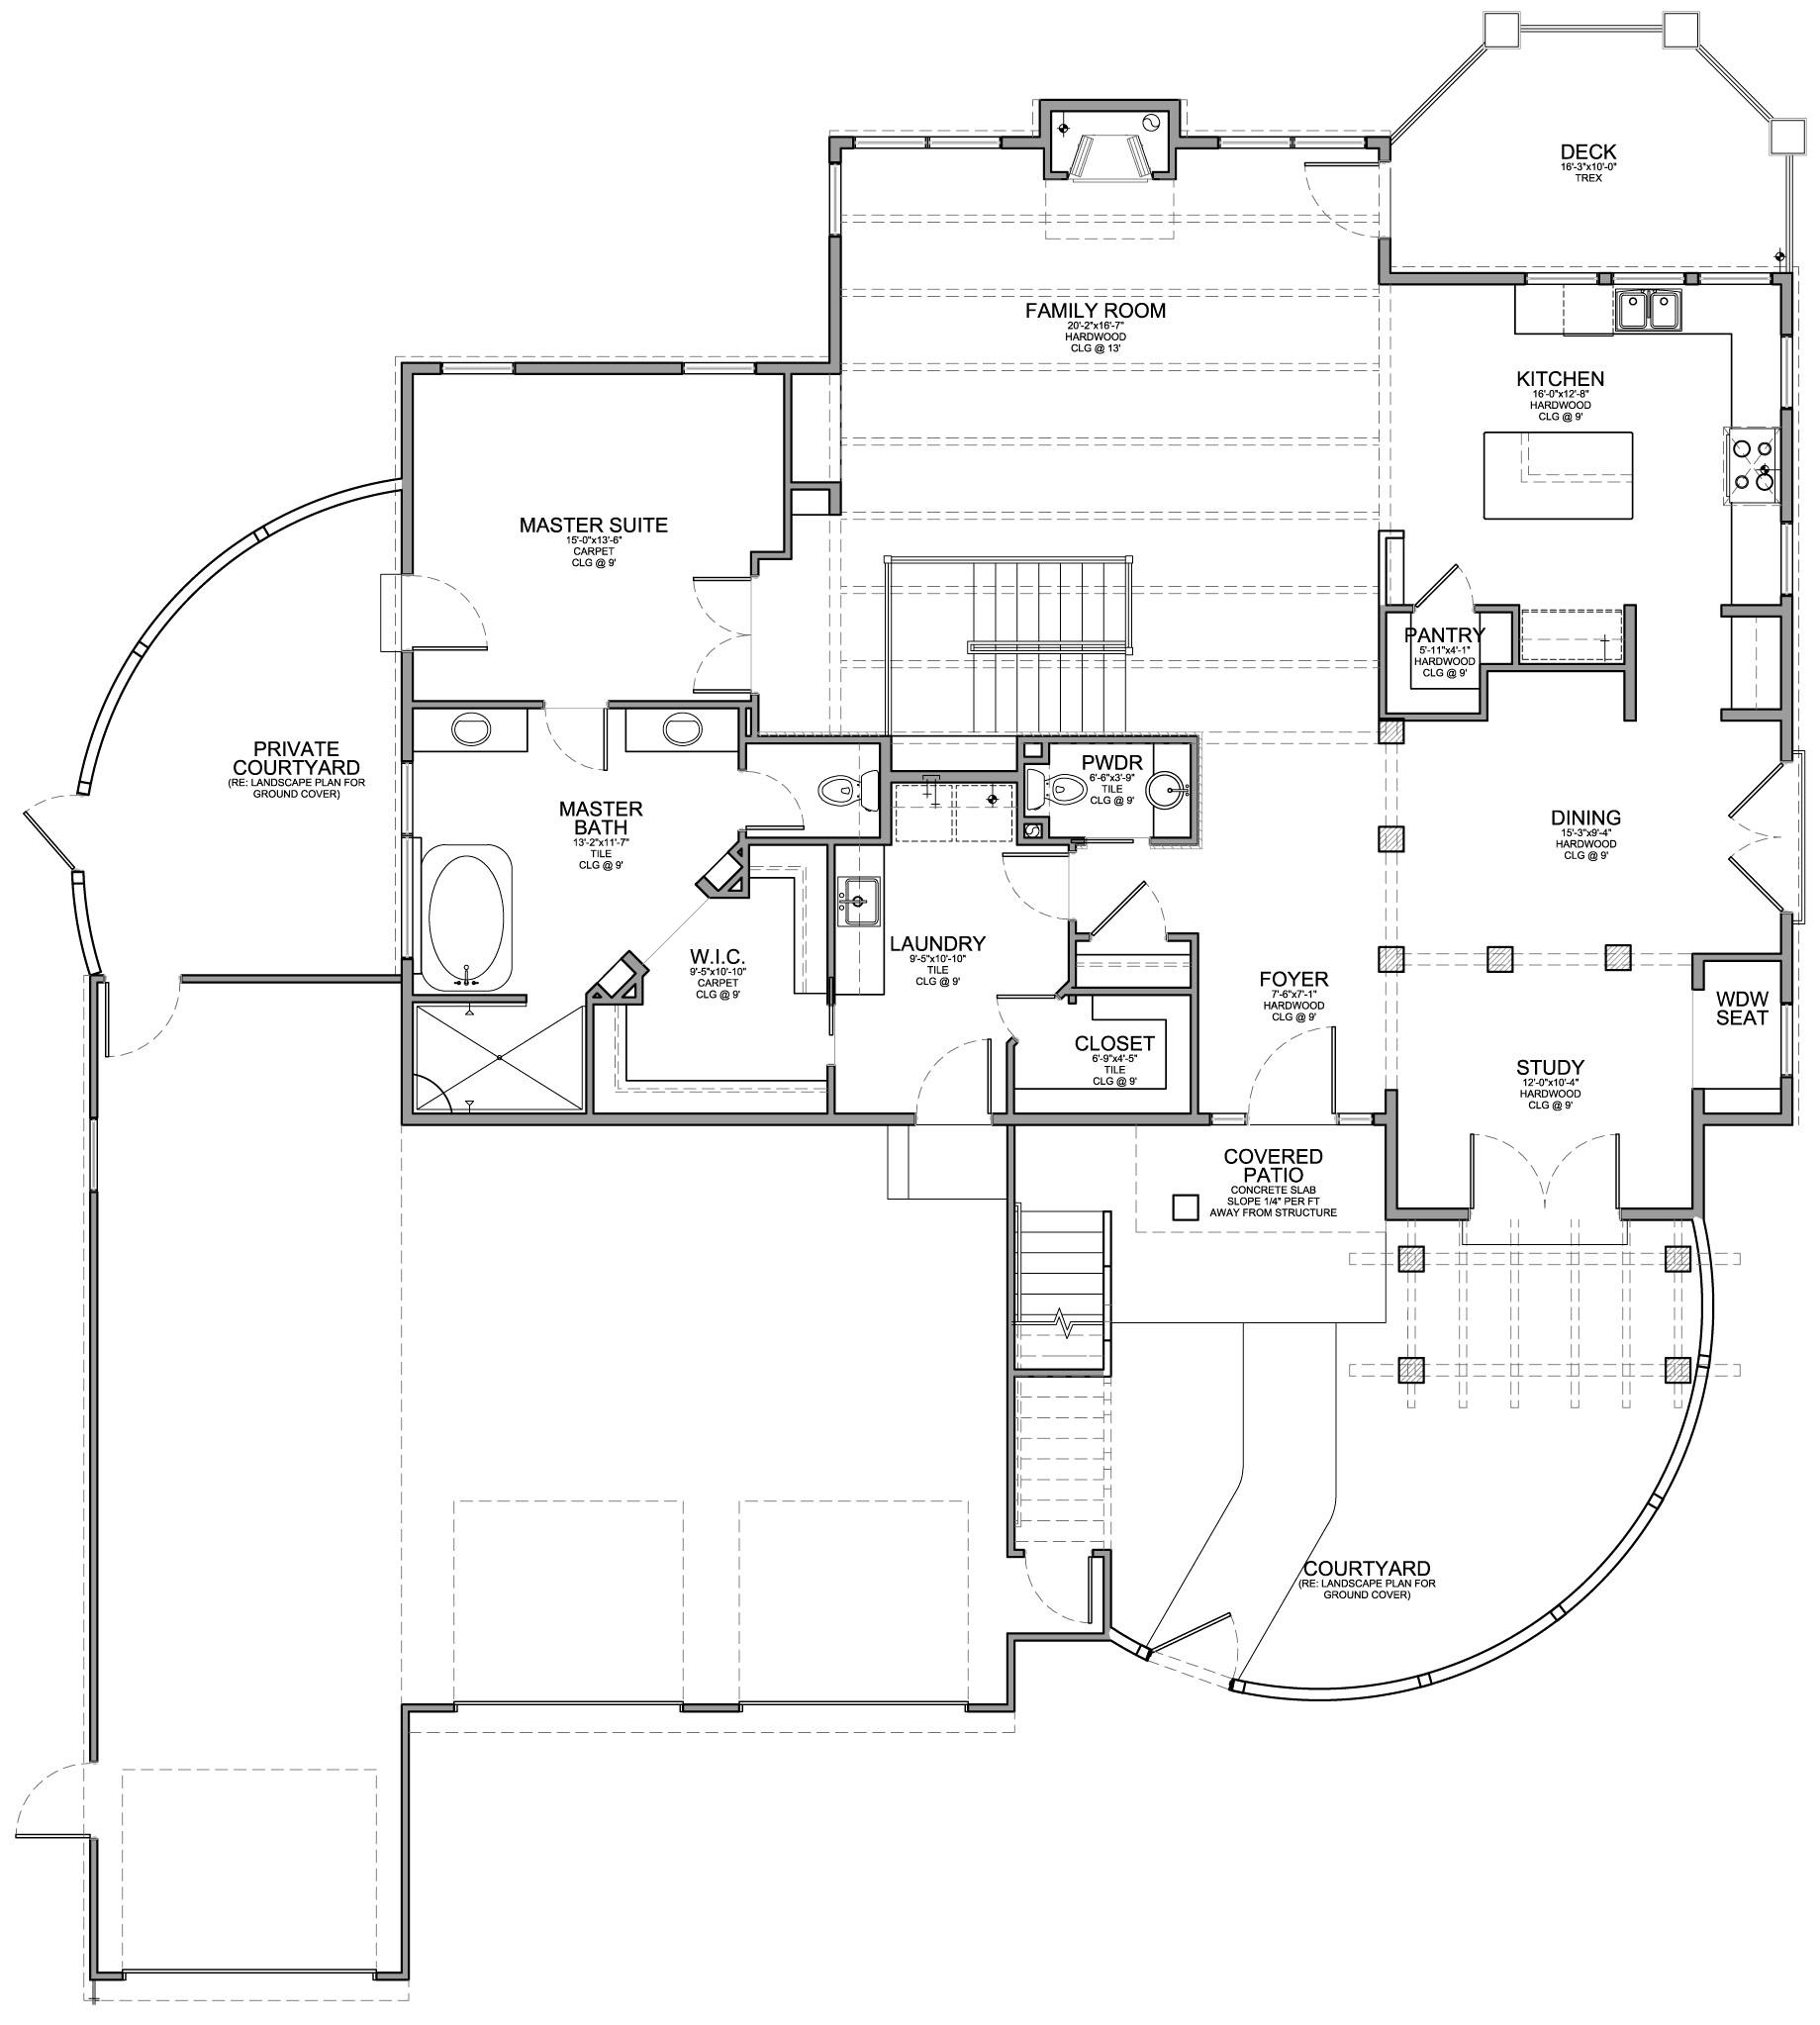 sumeer homes floor plans fresh best sumeer custom homes floor plans new home plans design